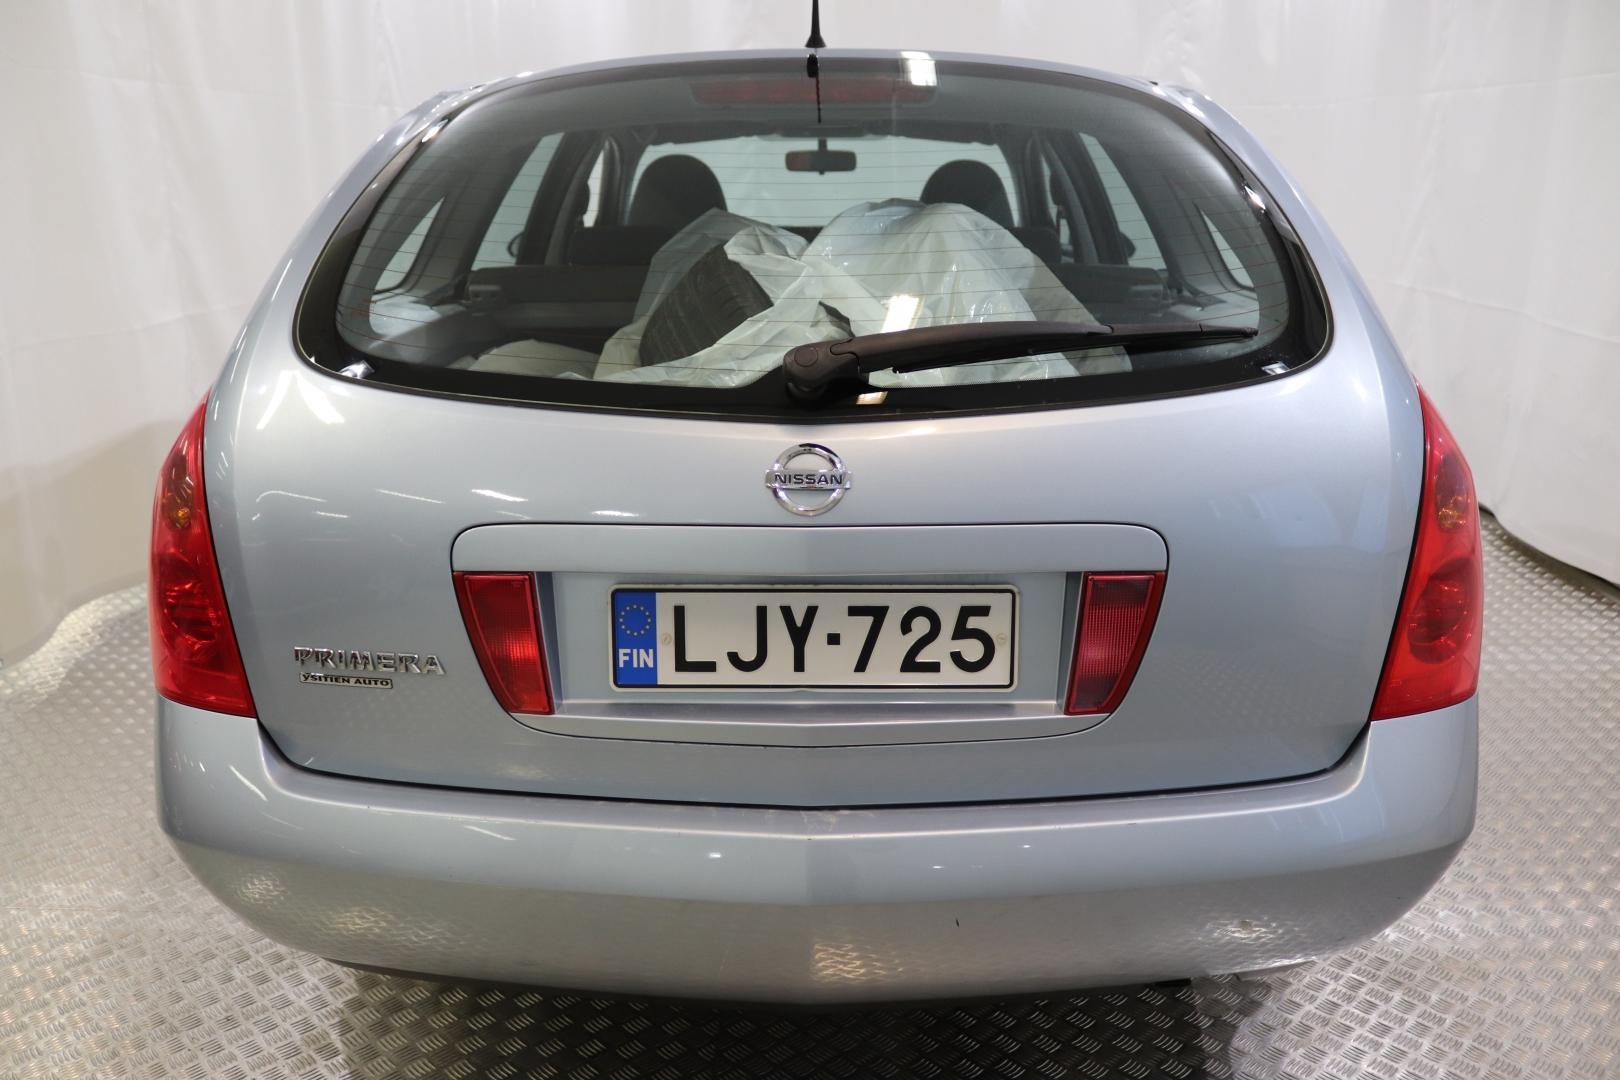 Nissan Primera, 1.6 Visia Traveller